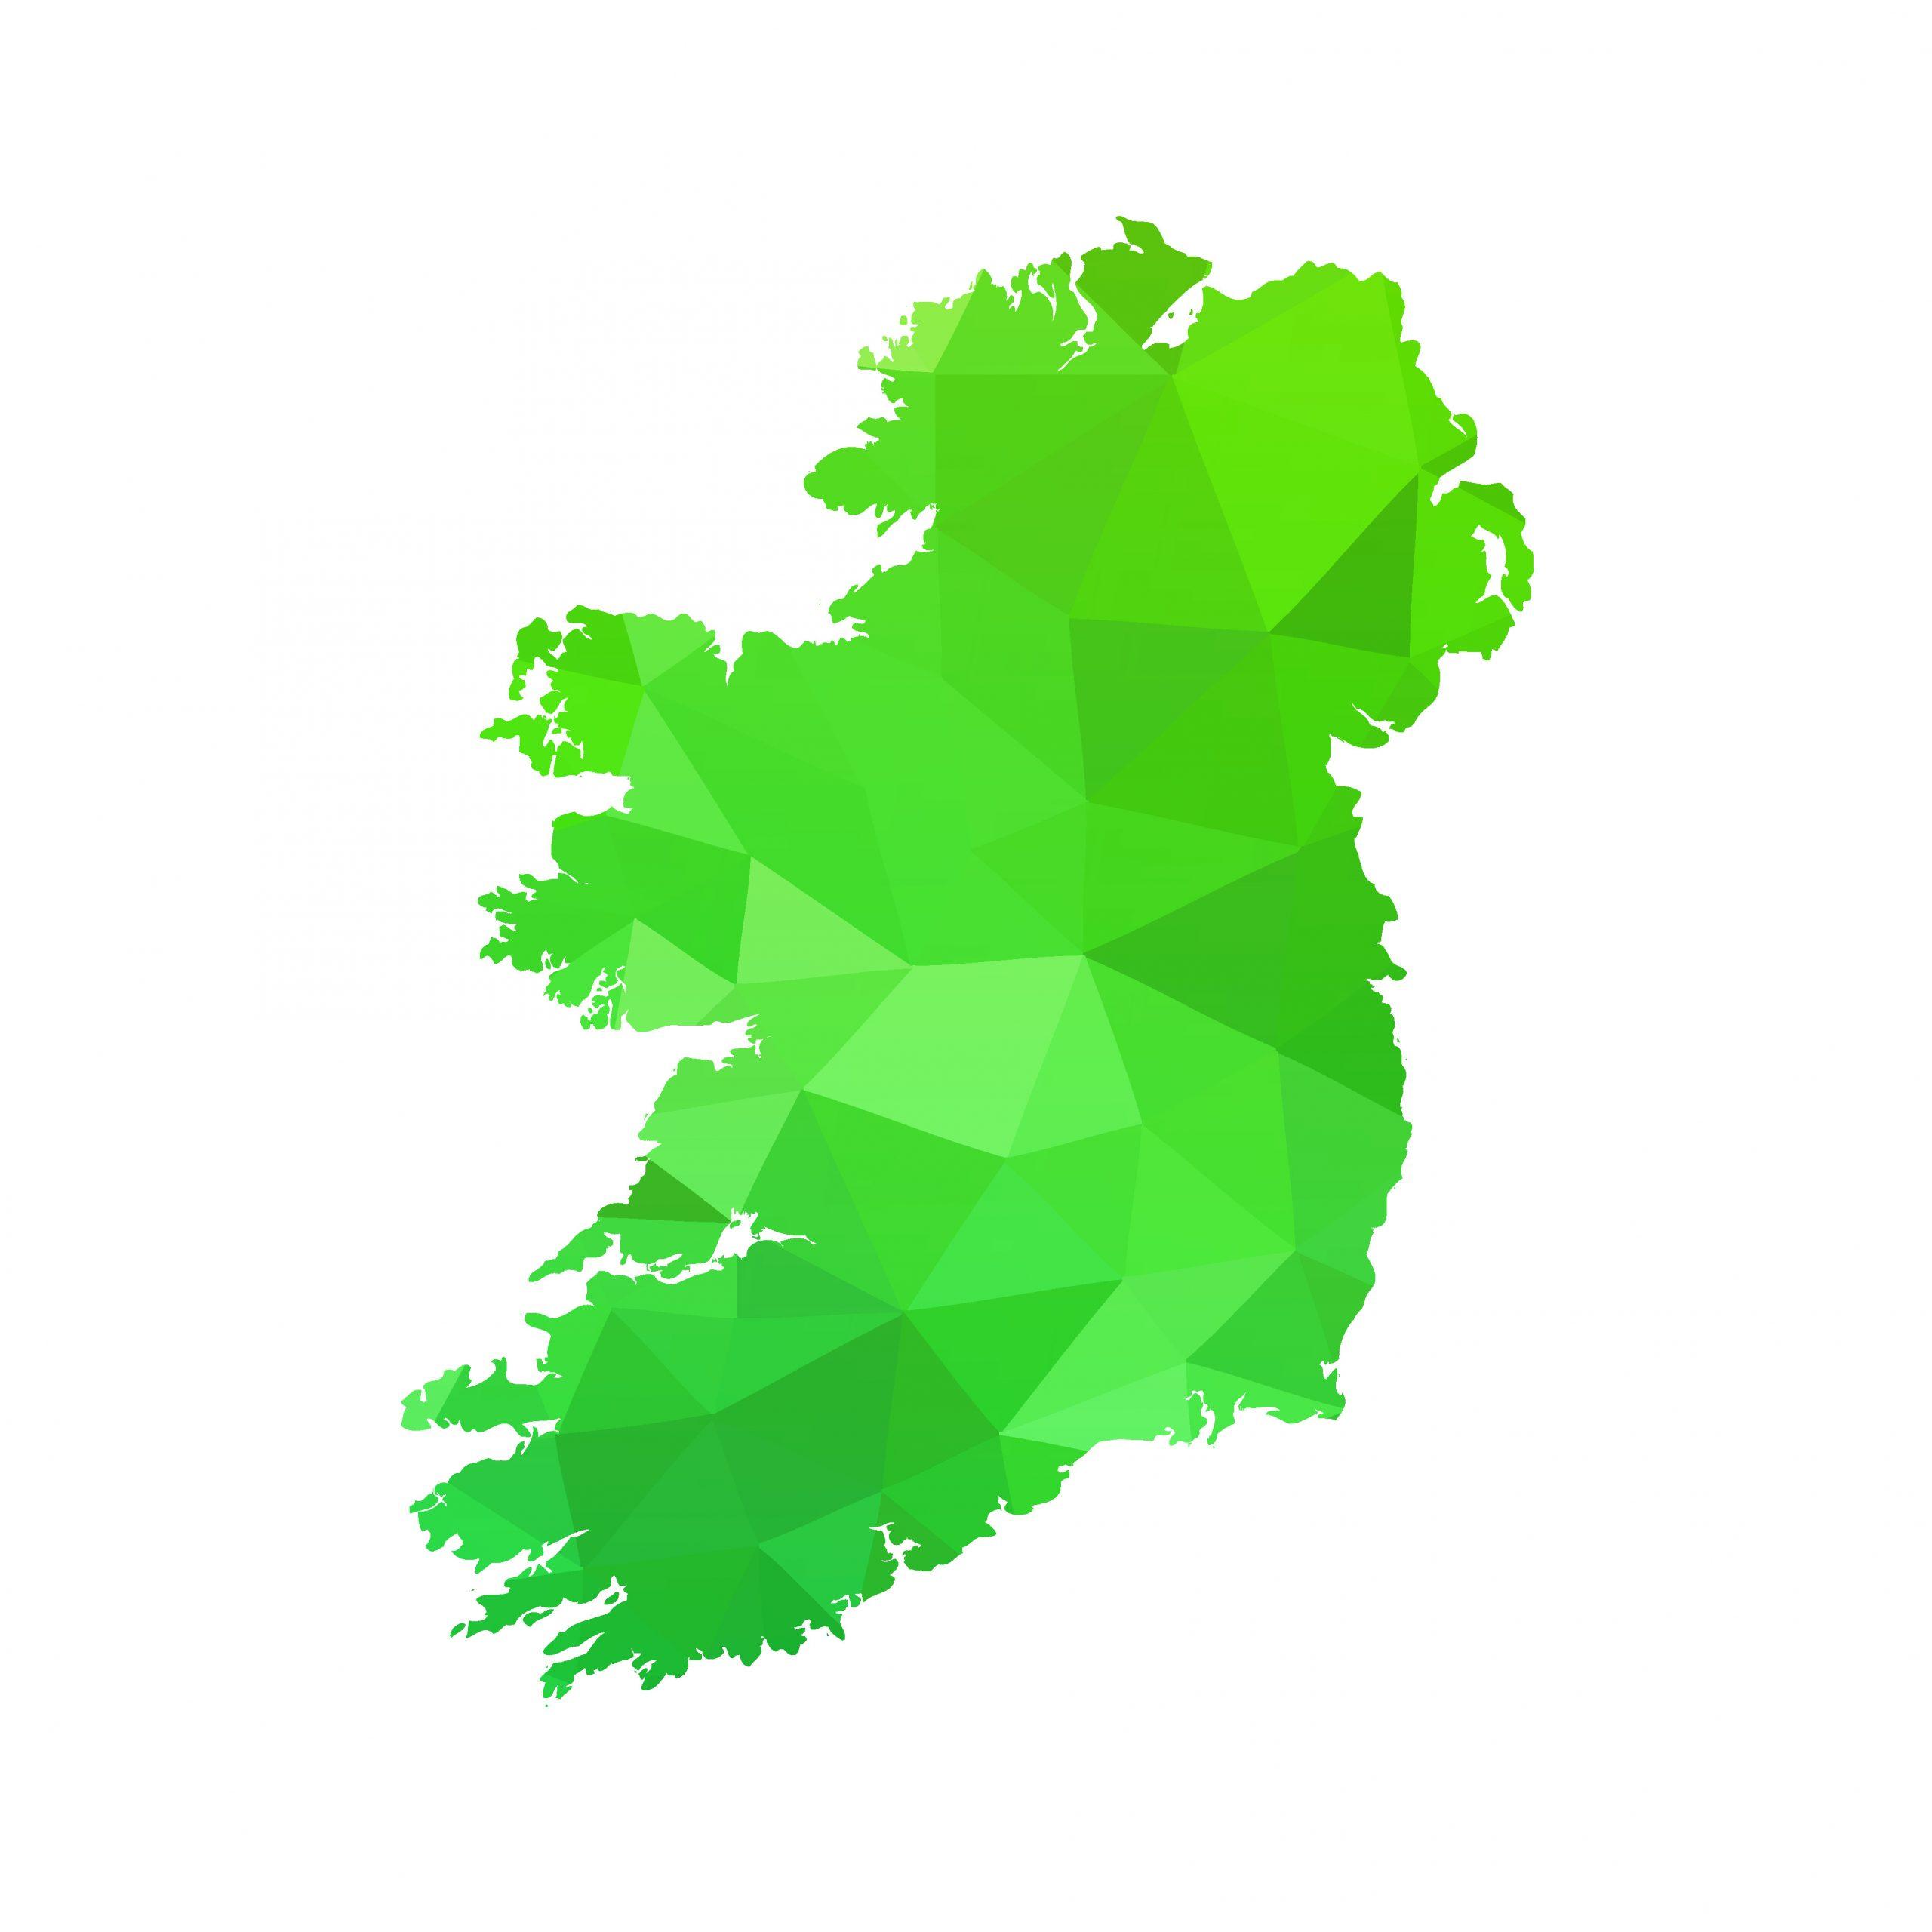 Staff Nurse Recruitment in Ireland